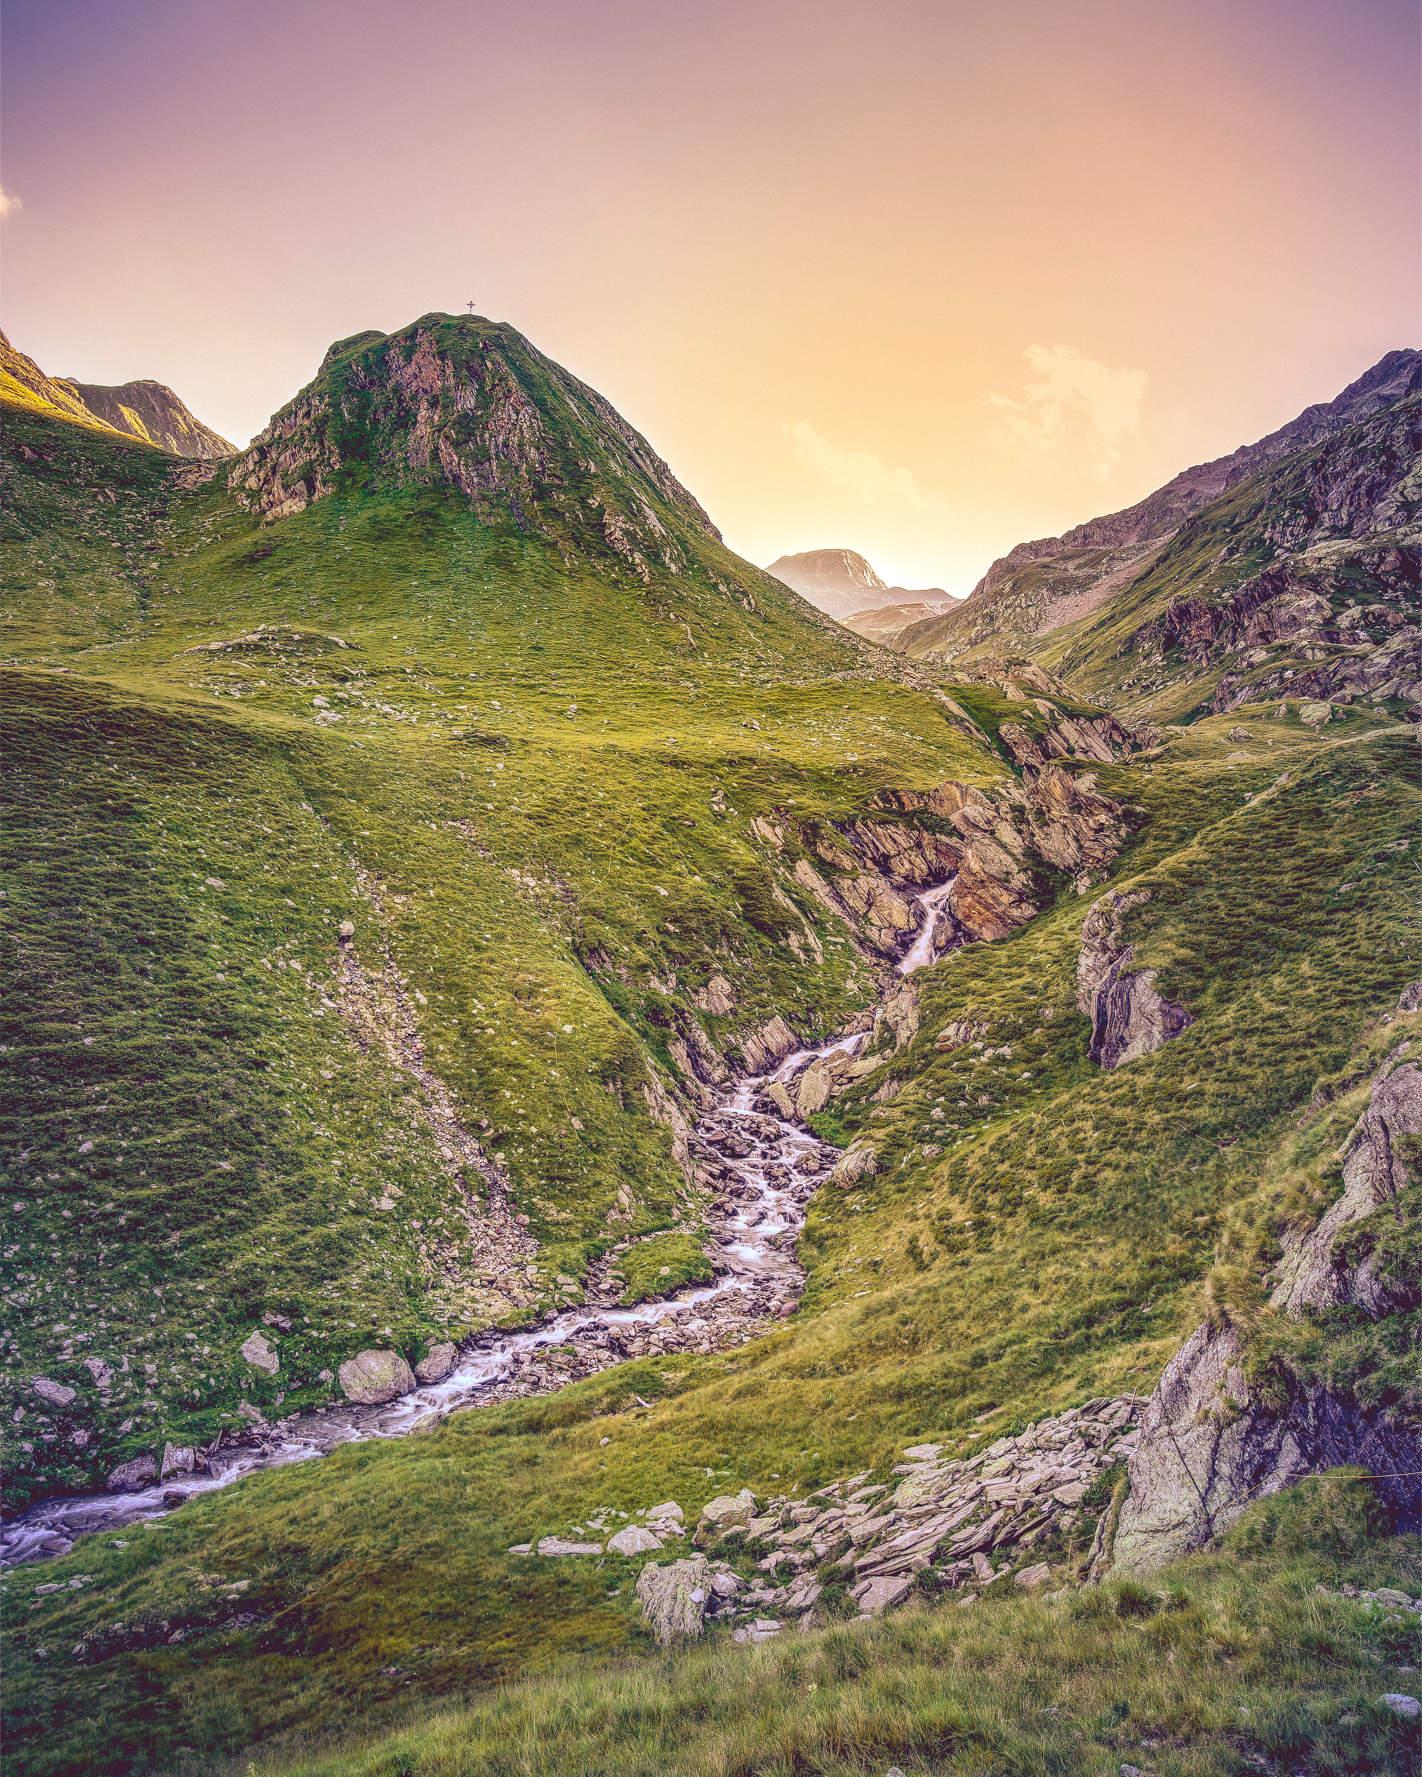 Golden erleuchtetes Tal mit Bach und Berggipfeln am Abend in den Alpen Südtirols